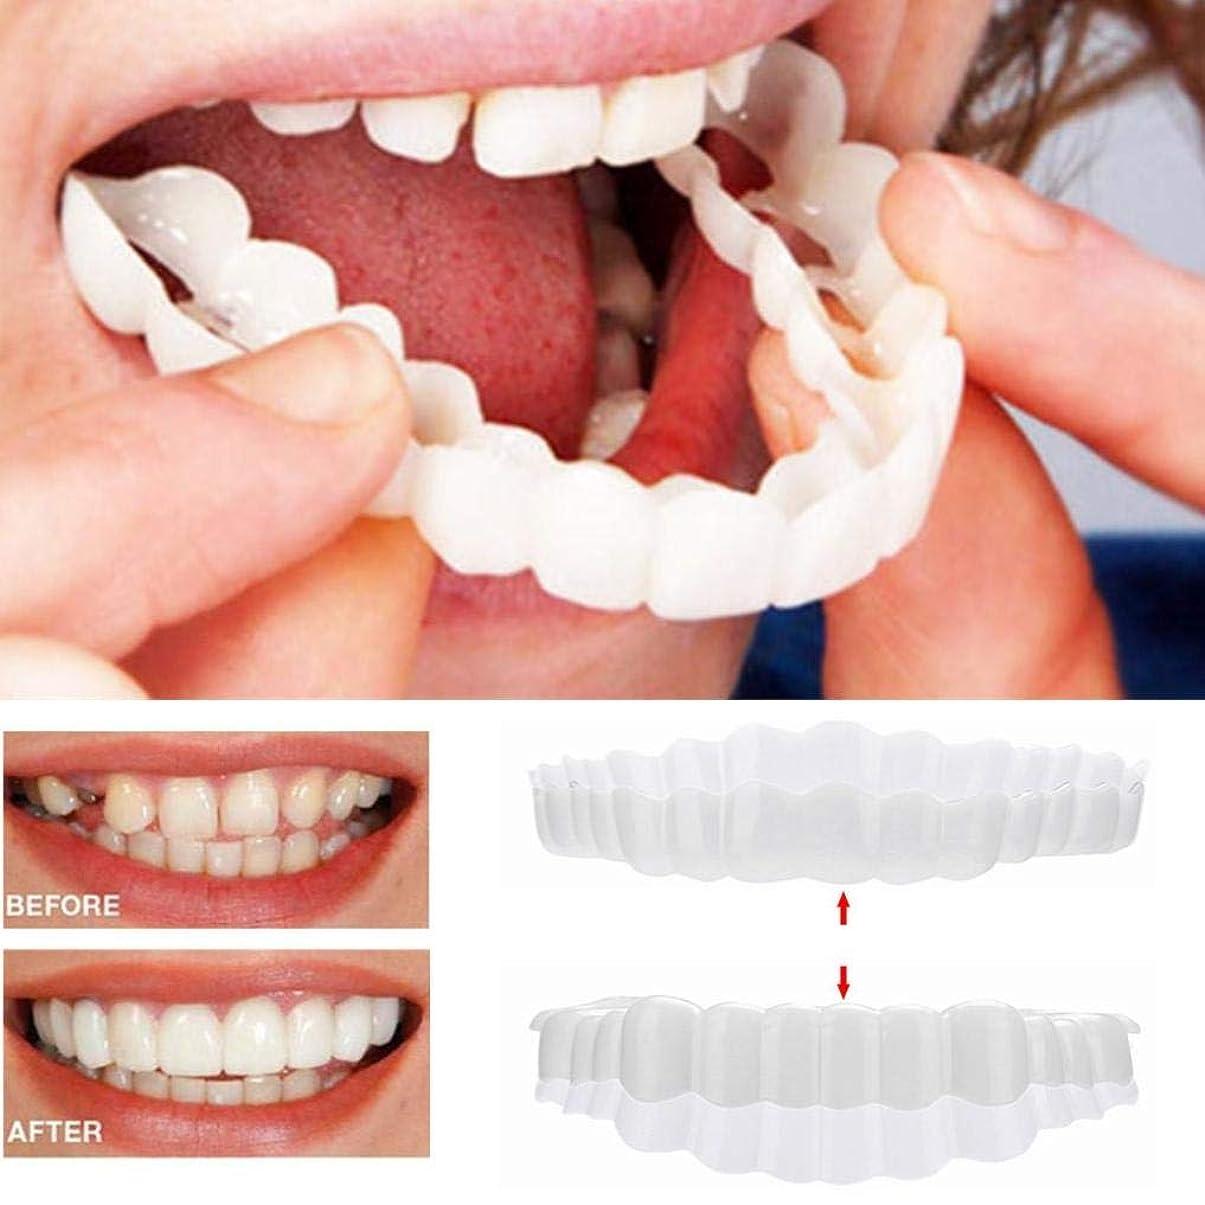 ばかヒロインテンポ義歯上下義歯インスタントスマイルコンフォートフィットフレックスコスメティックティーストップ化粧品突き合わせ箱入り(下+上),1Pairs